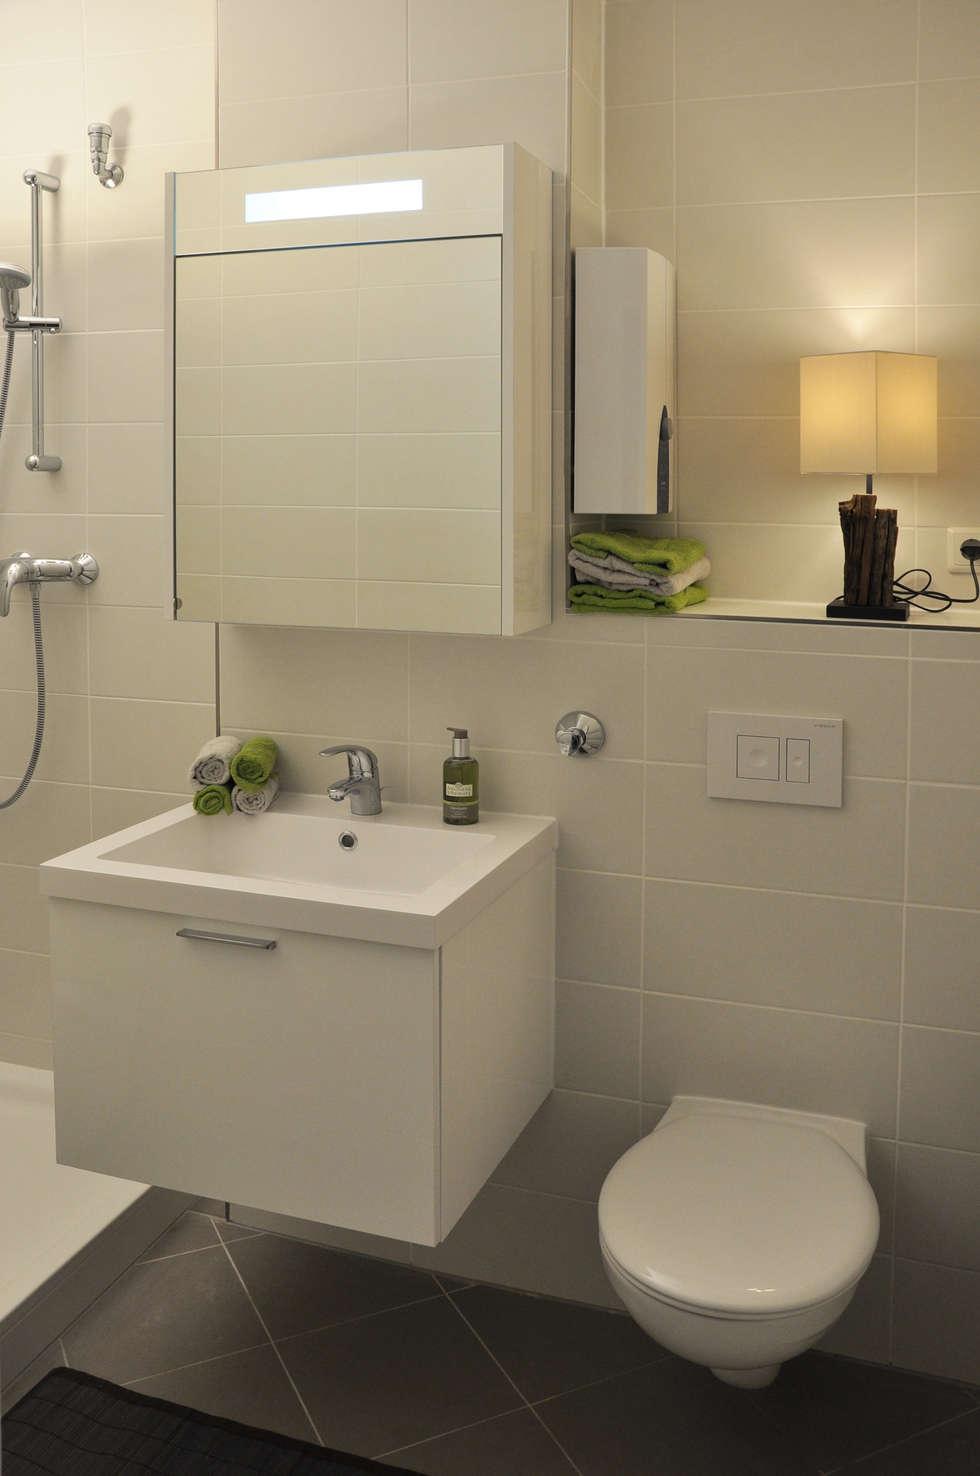 Badezimmer nach dem Home Staging: moderne Wohnzimmer von Optimmo Home Staging